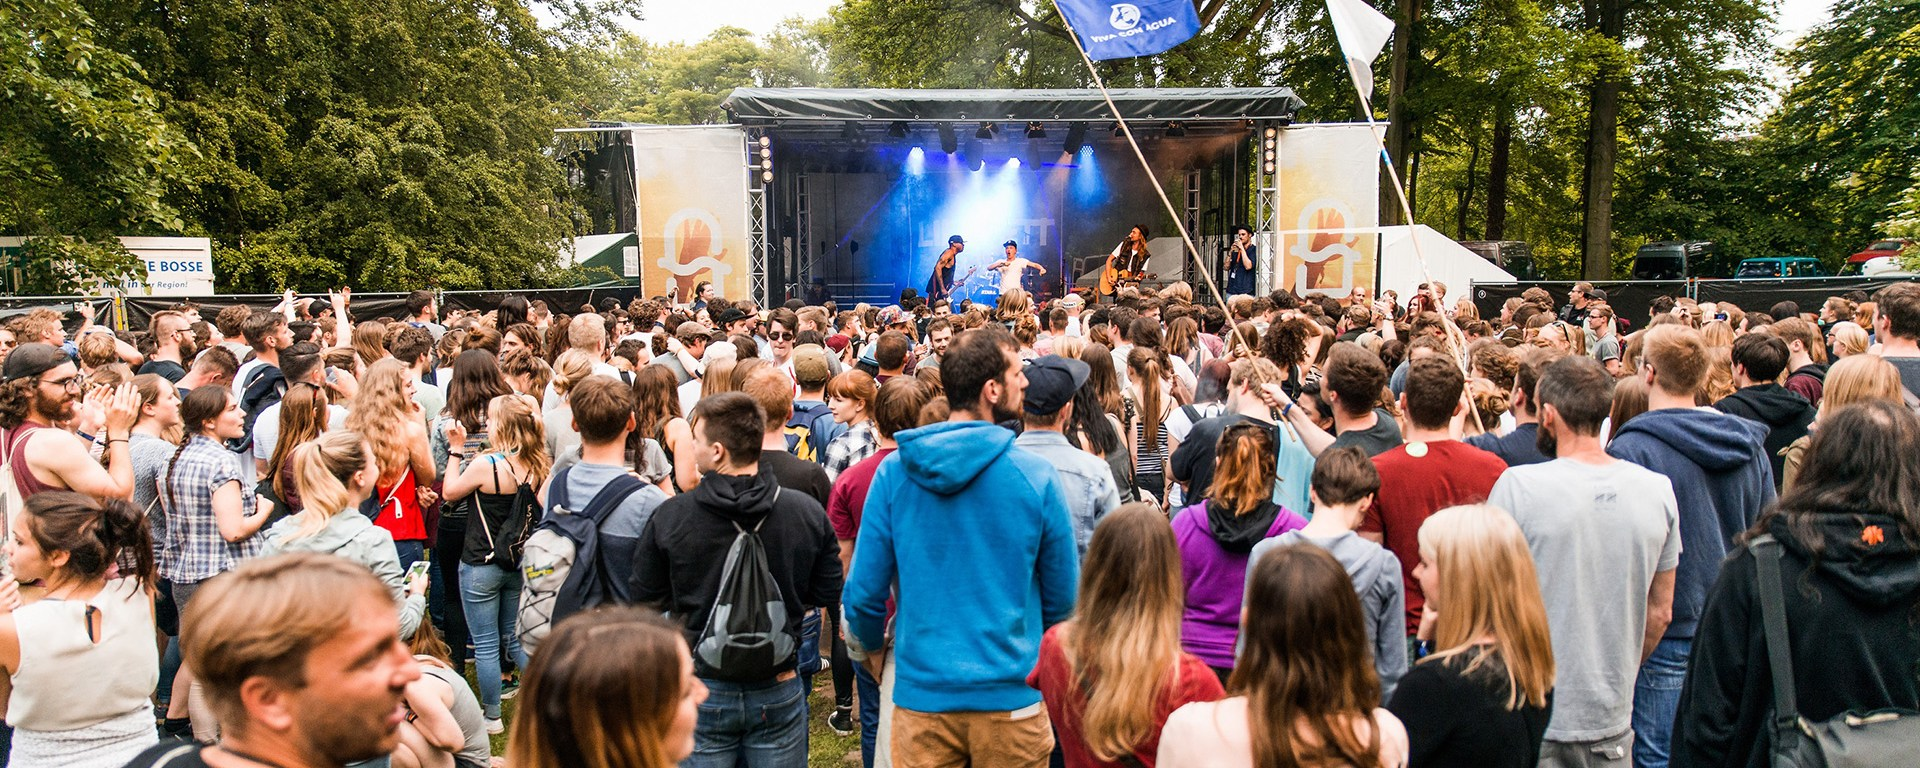 Summertime Festival